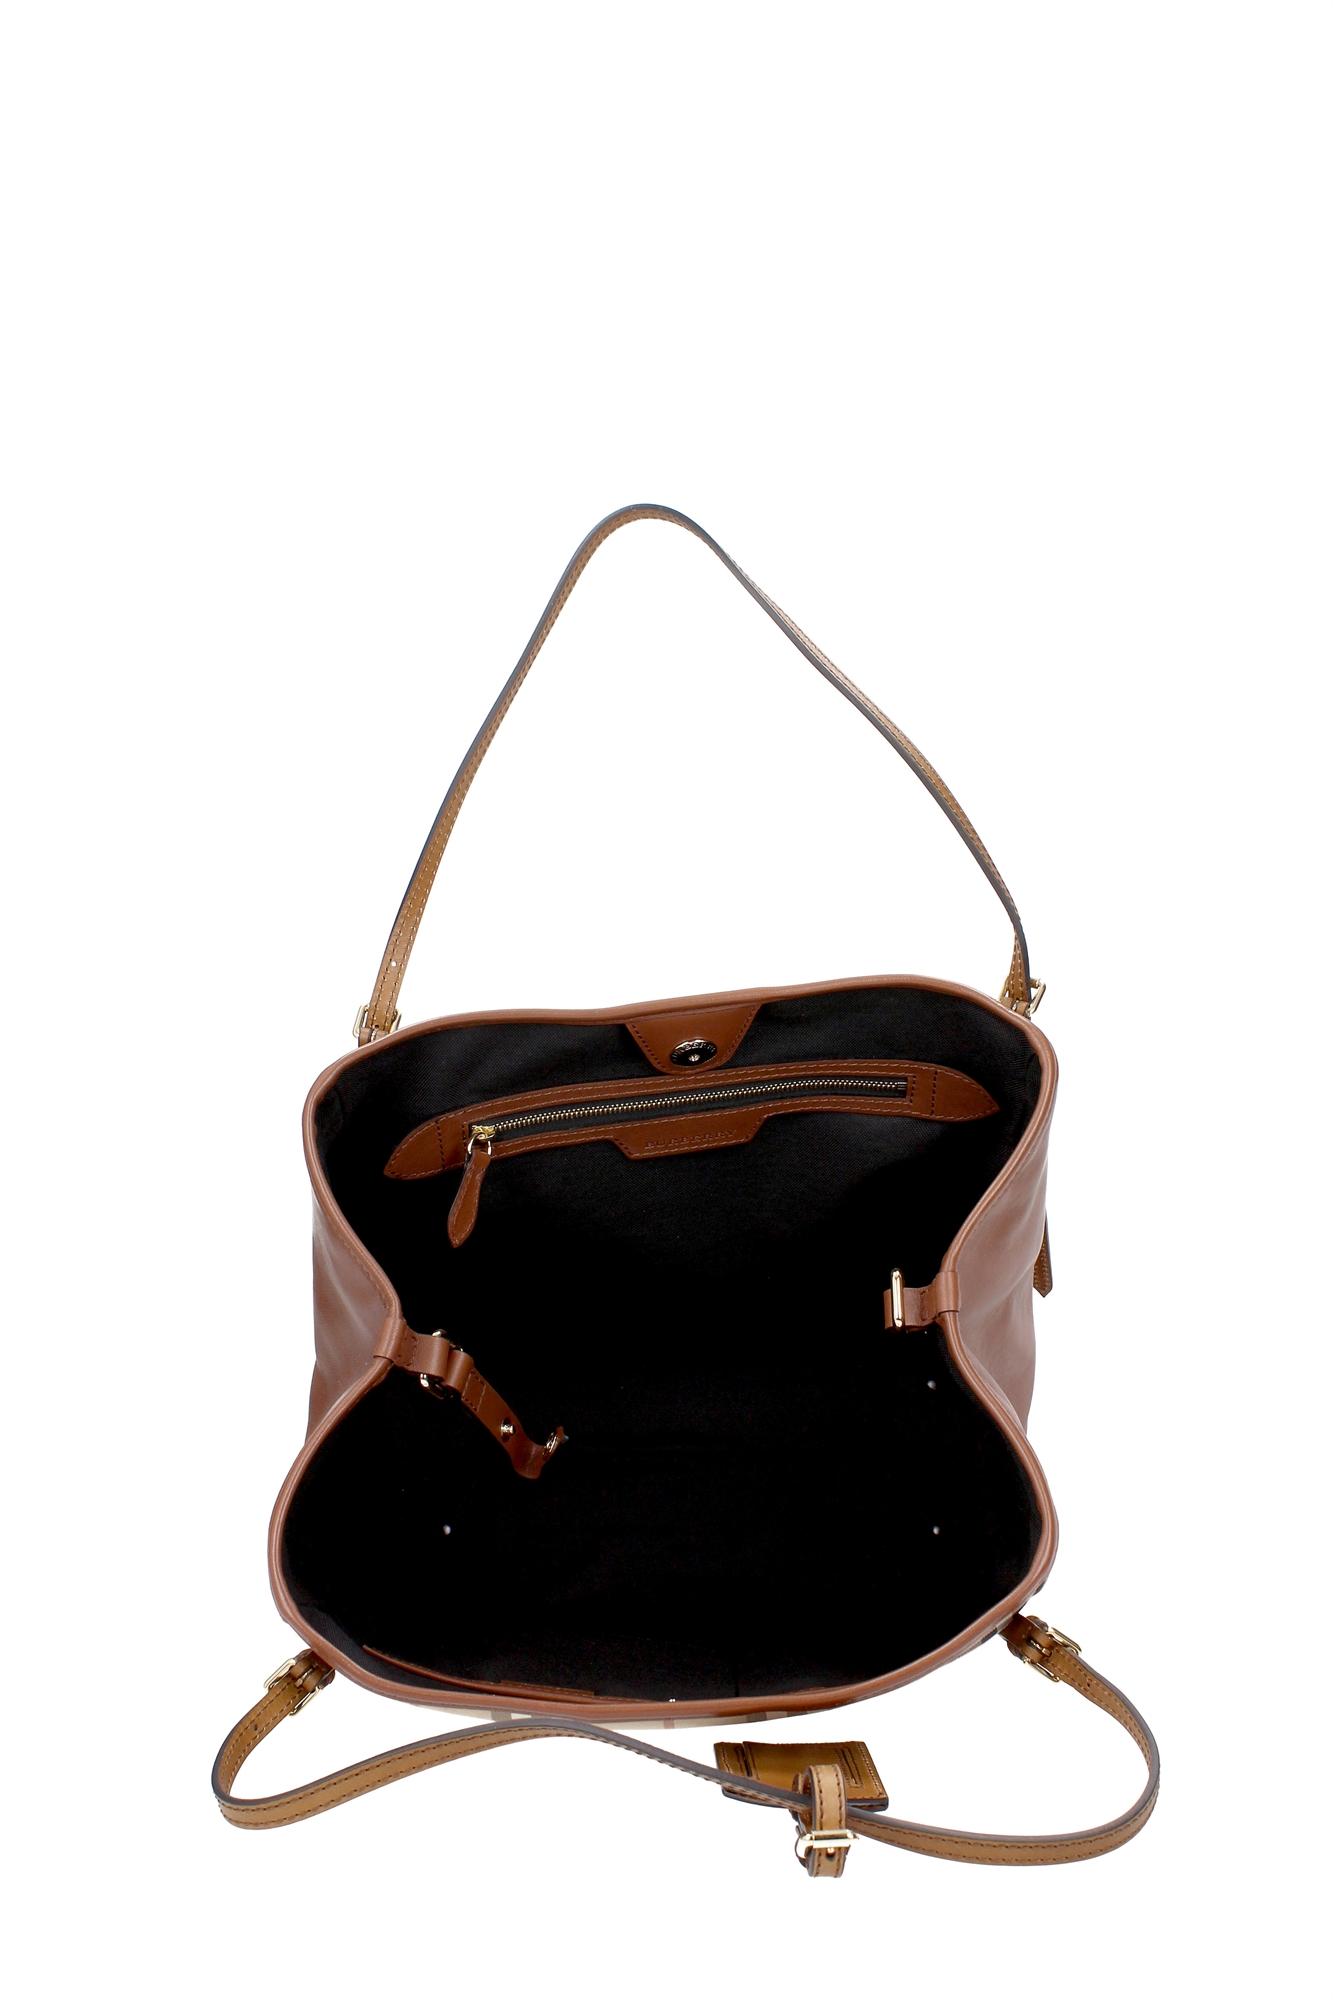 Borse Burberry Su Kijiji : Borse a spalla burberry donna poliammide marrone